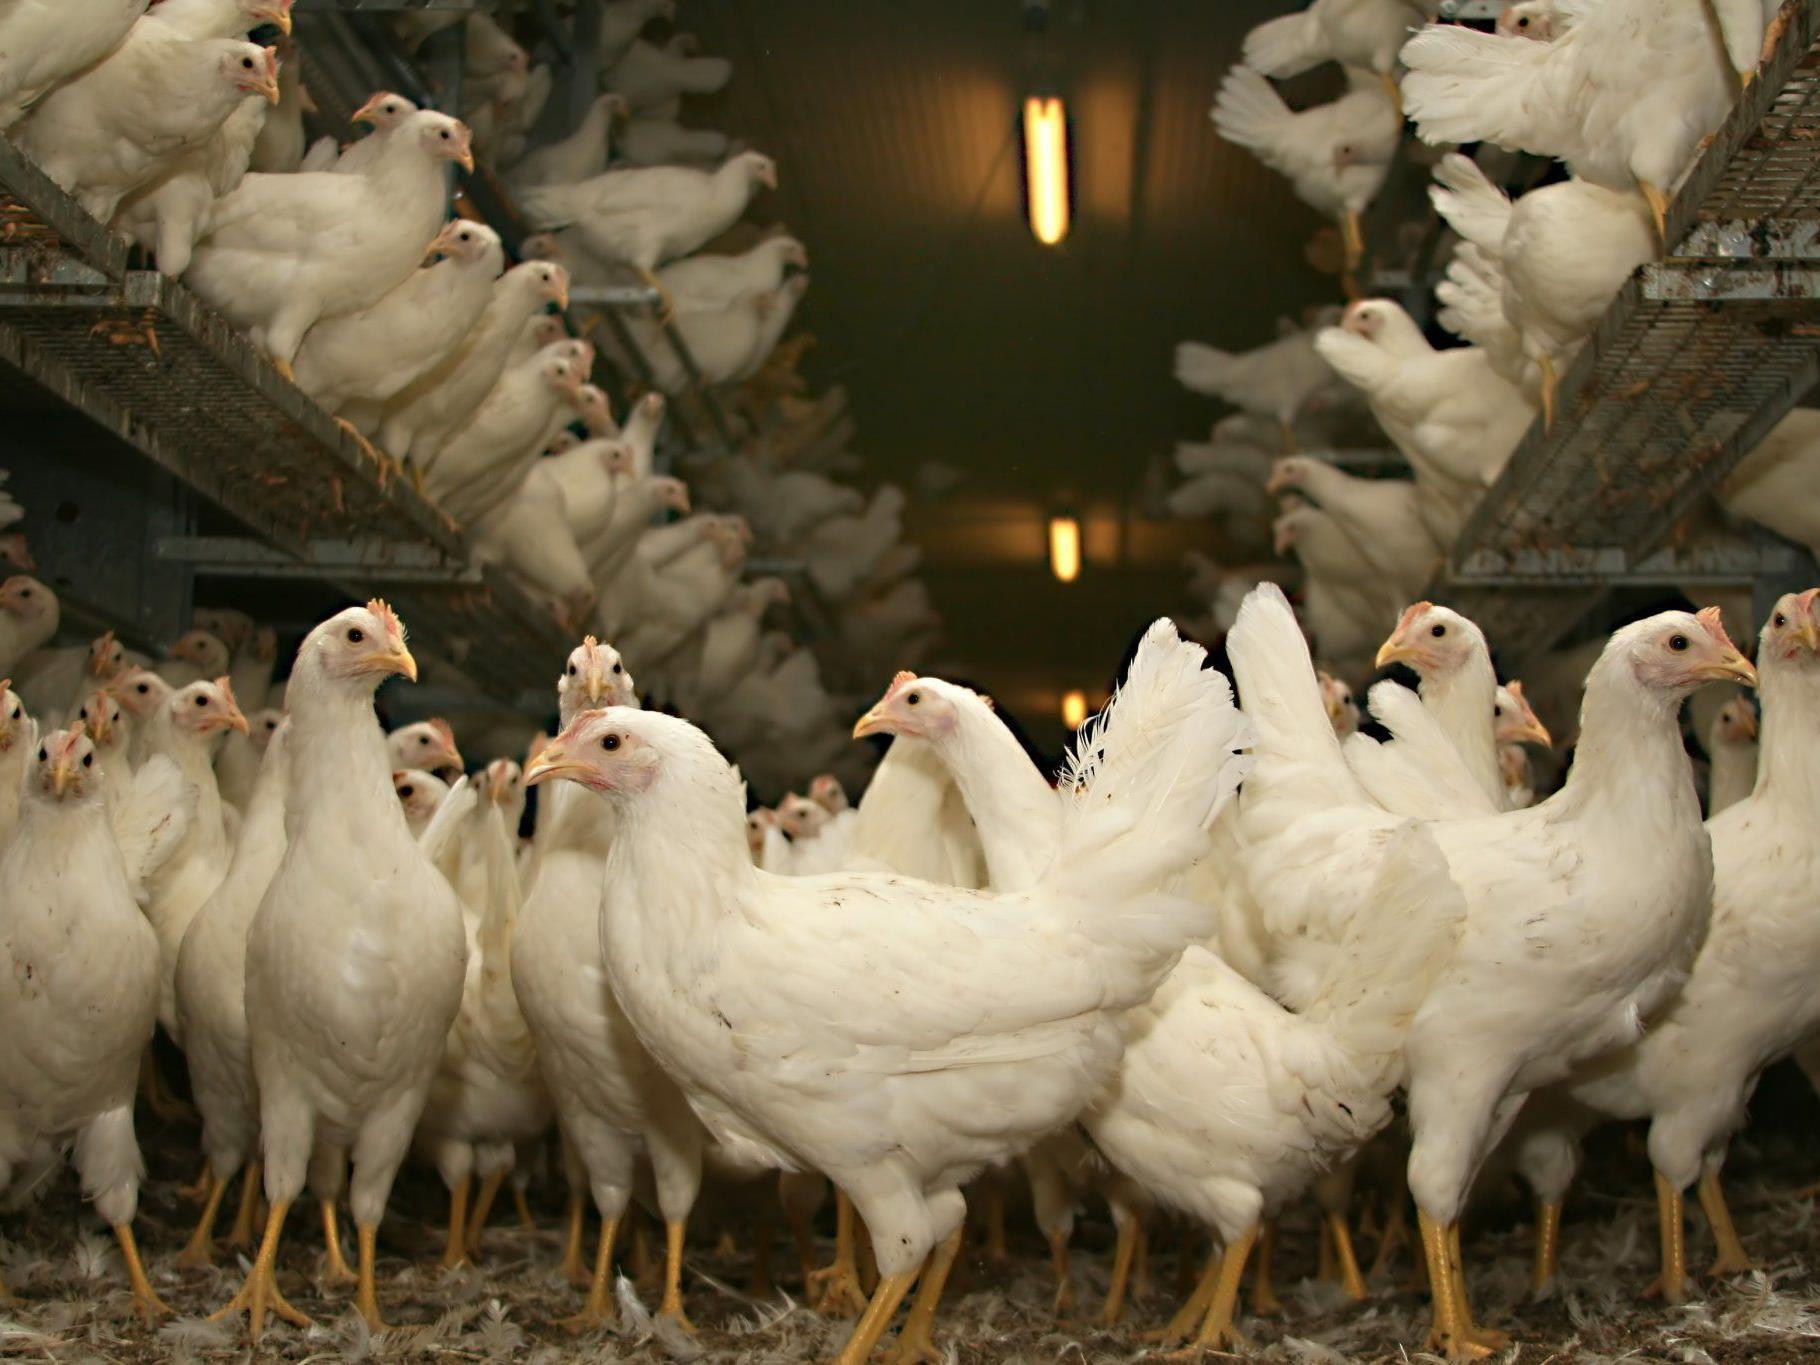 Bei Geflügel (Geflügelprodukten) gibt es vor allem zwei Keimbelastungen, die Probleme bereiten: Salmonellen und Bakterien vom Typ Campylobacter.